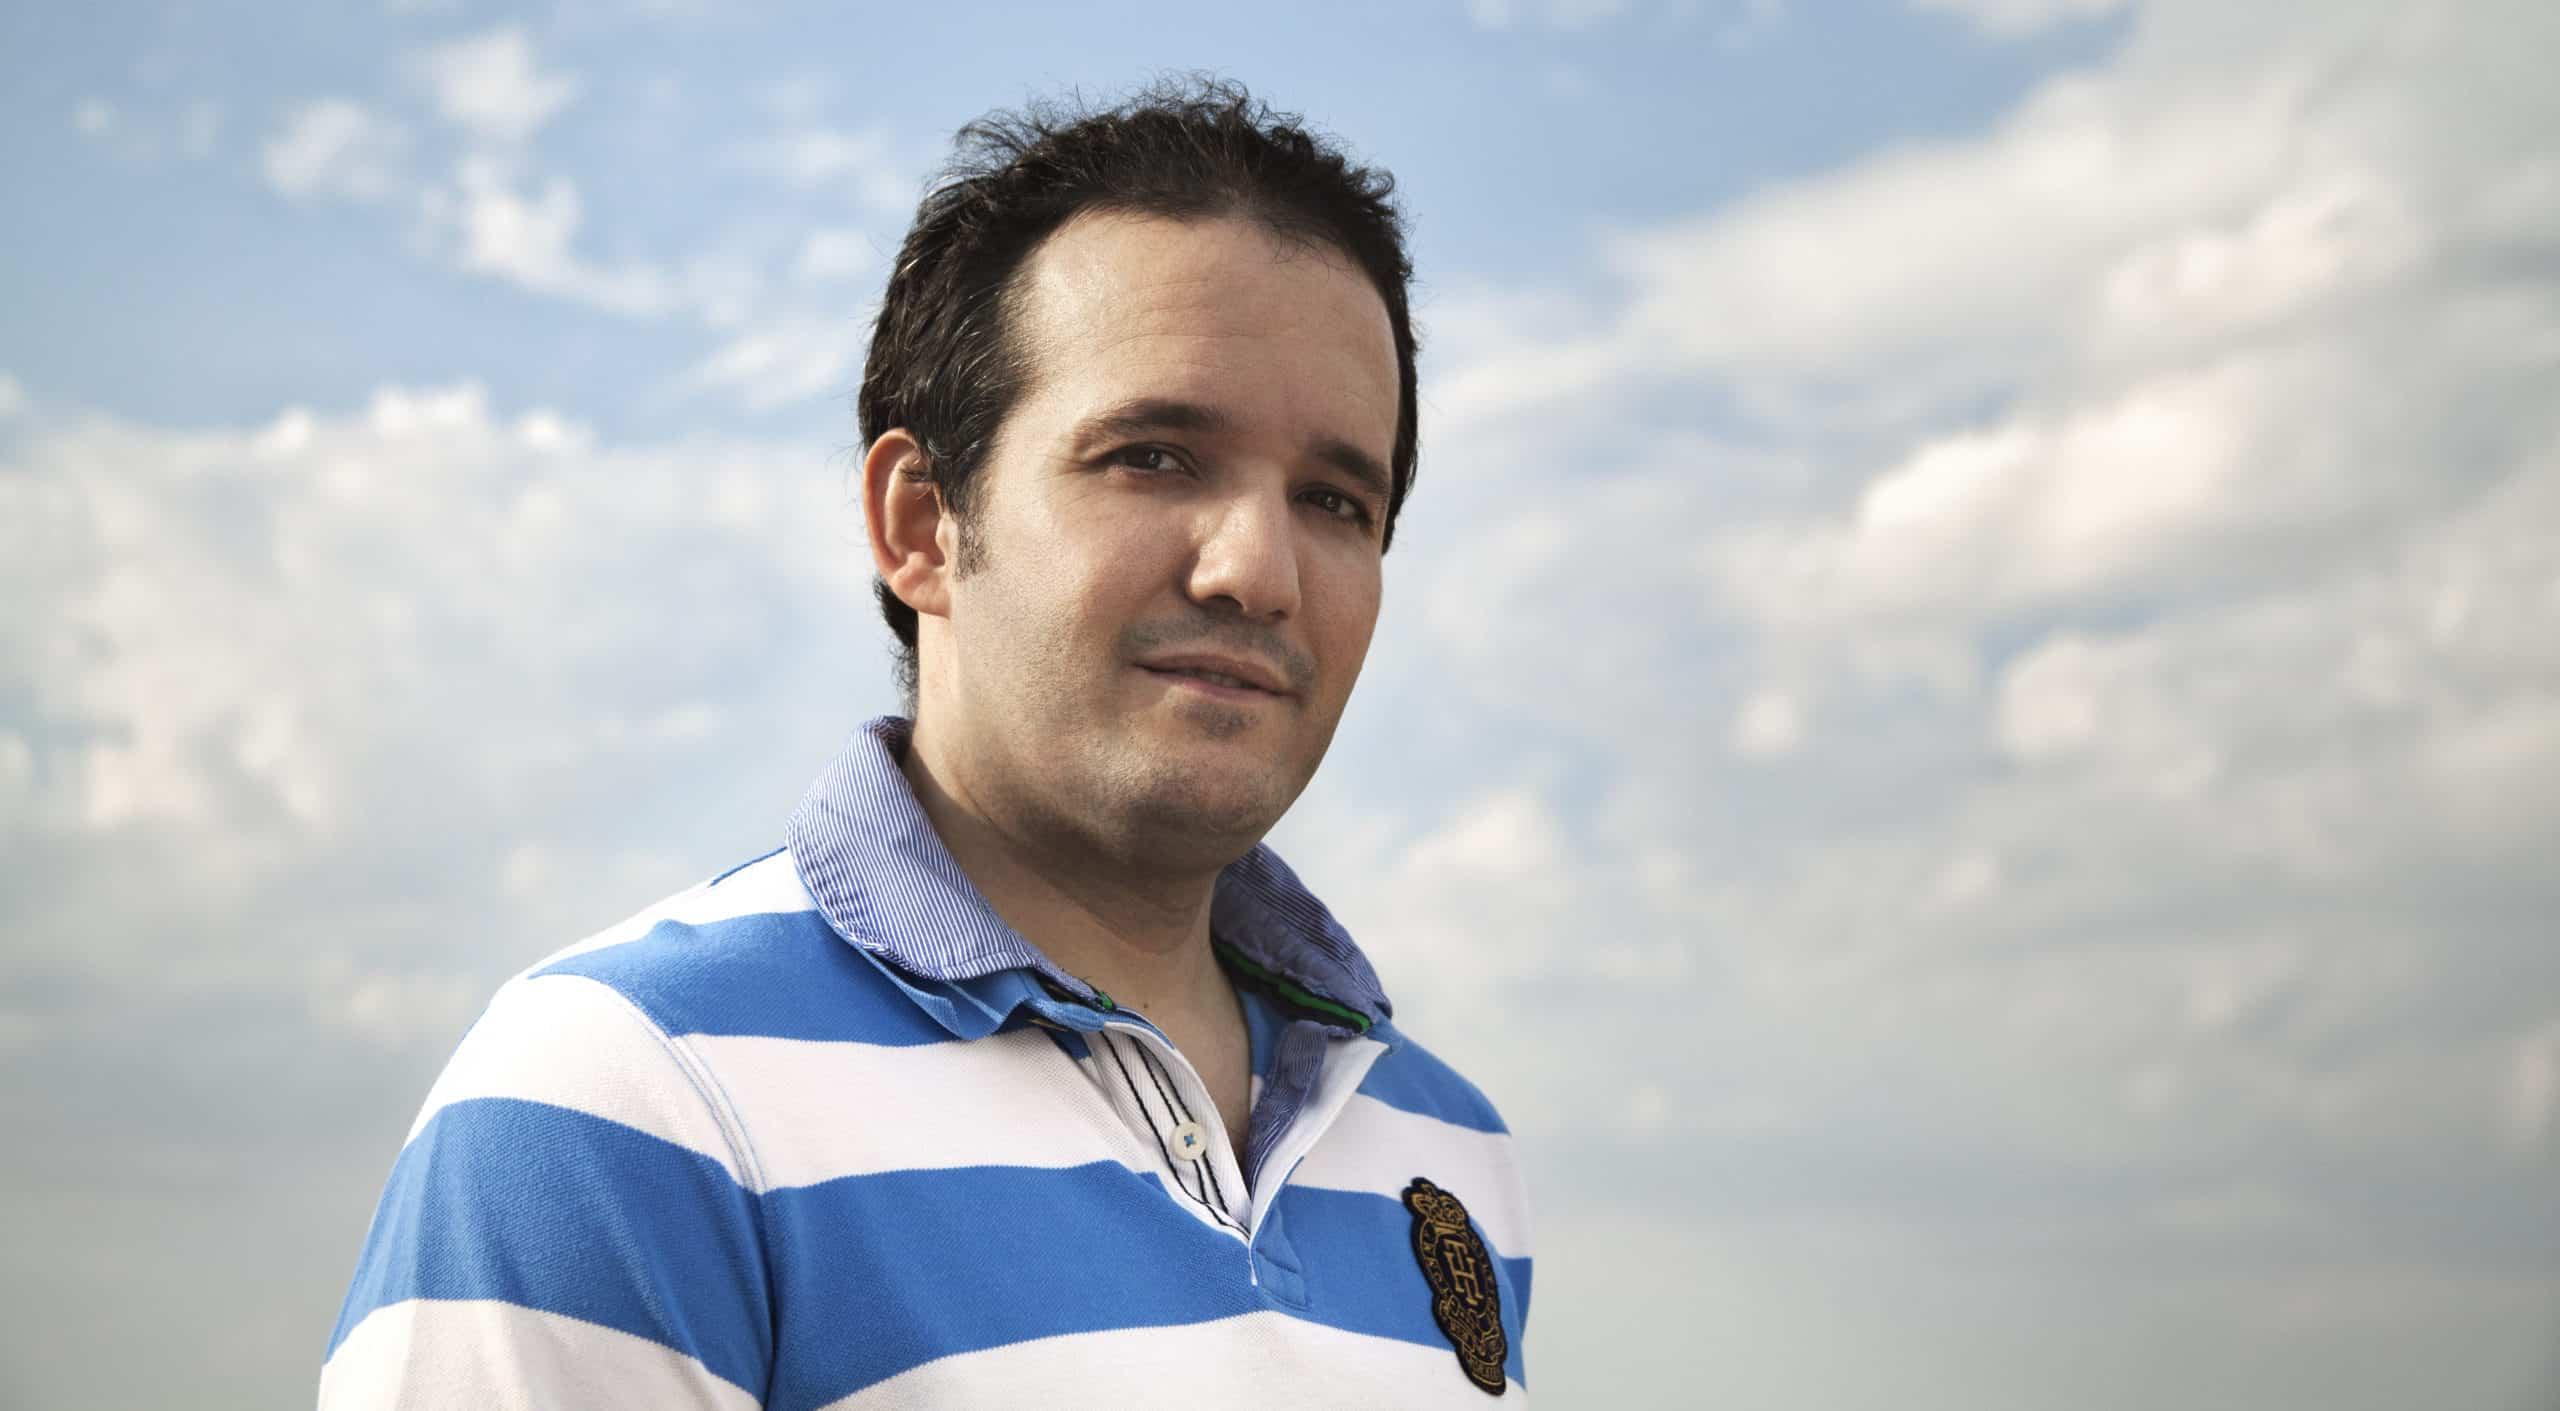 david carrero entre nubes 9770687223 o scaled - Baud entrevista a David Carrero por el proyecto Respiradores UCI